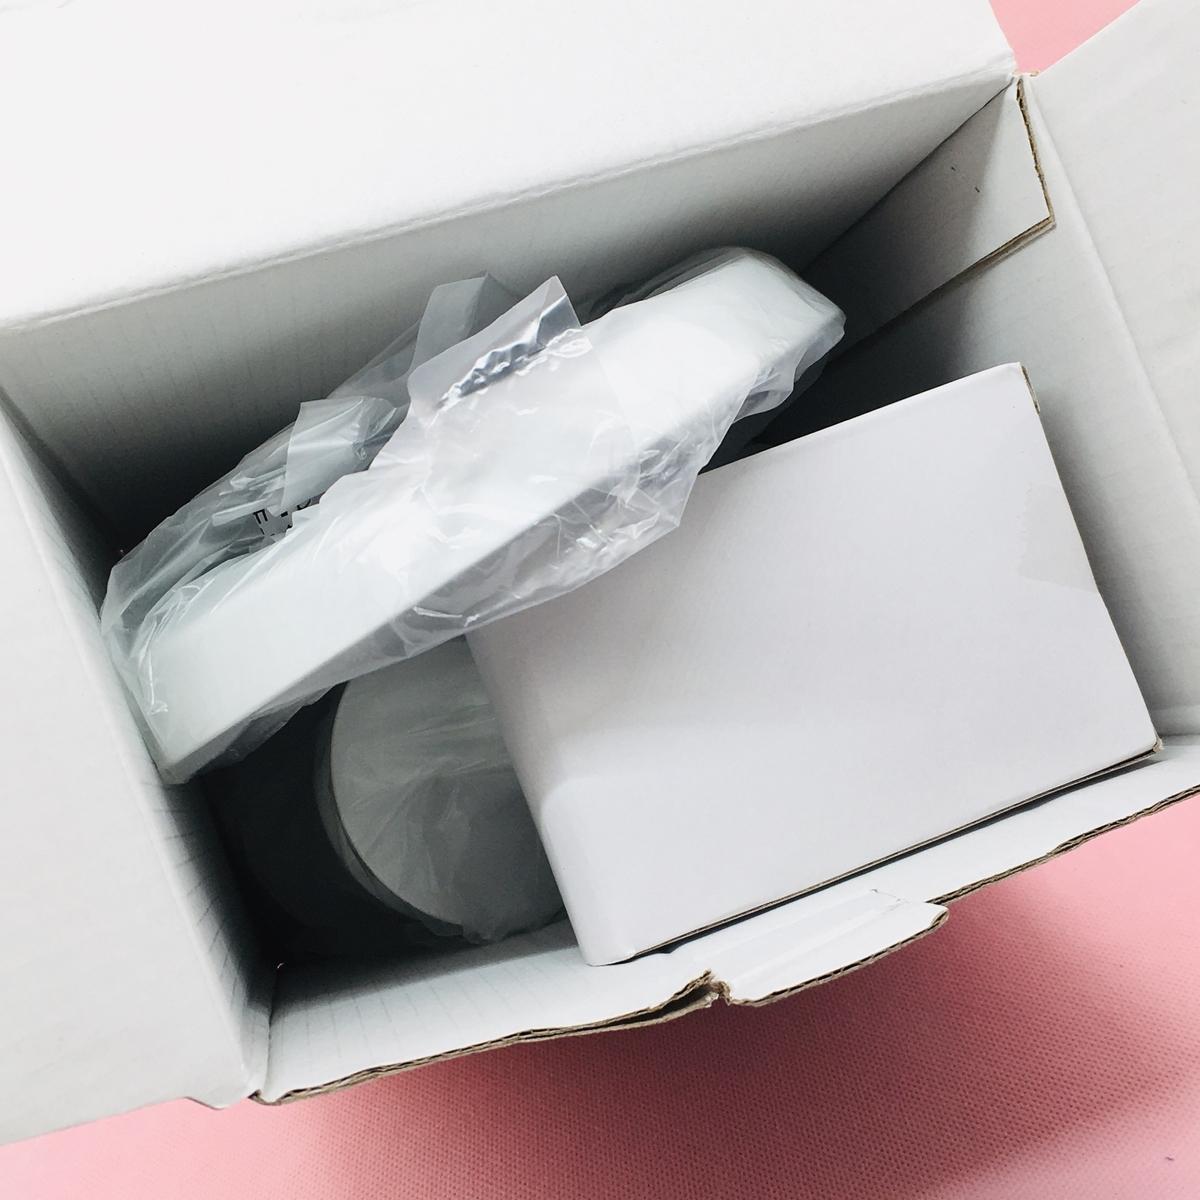 Amazonで購入したLEDリングライトJKSWTの入っていた箱を開けてみる